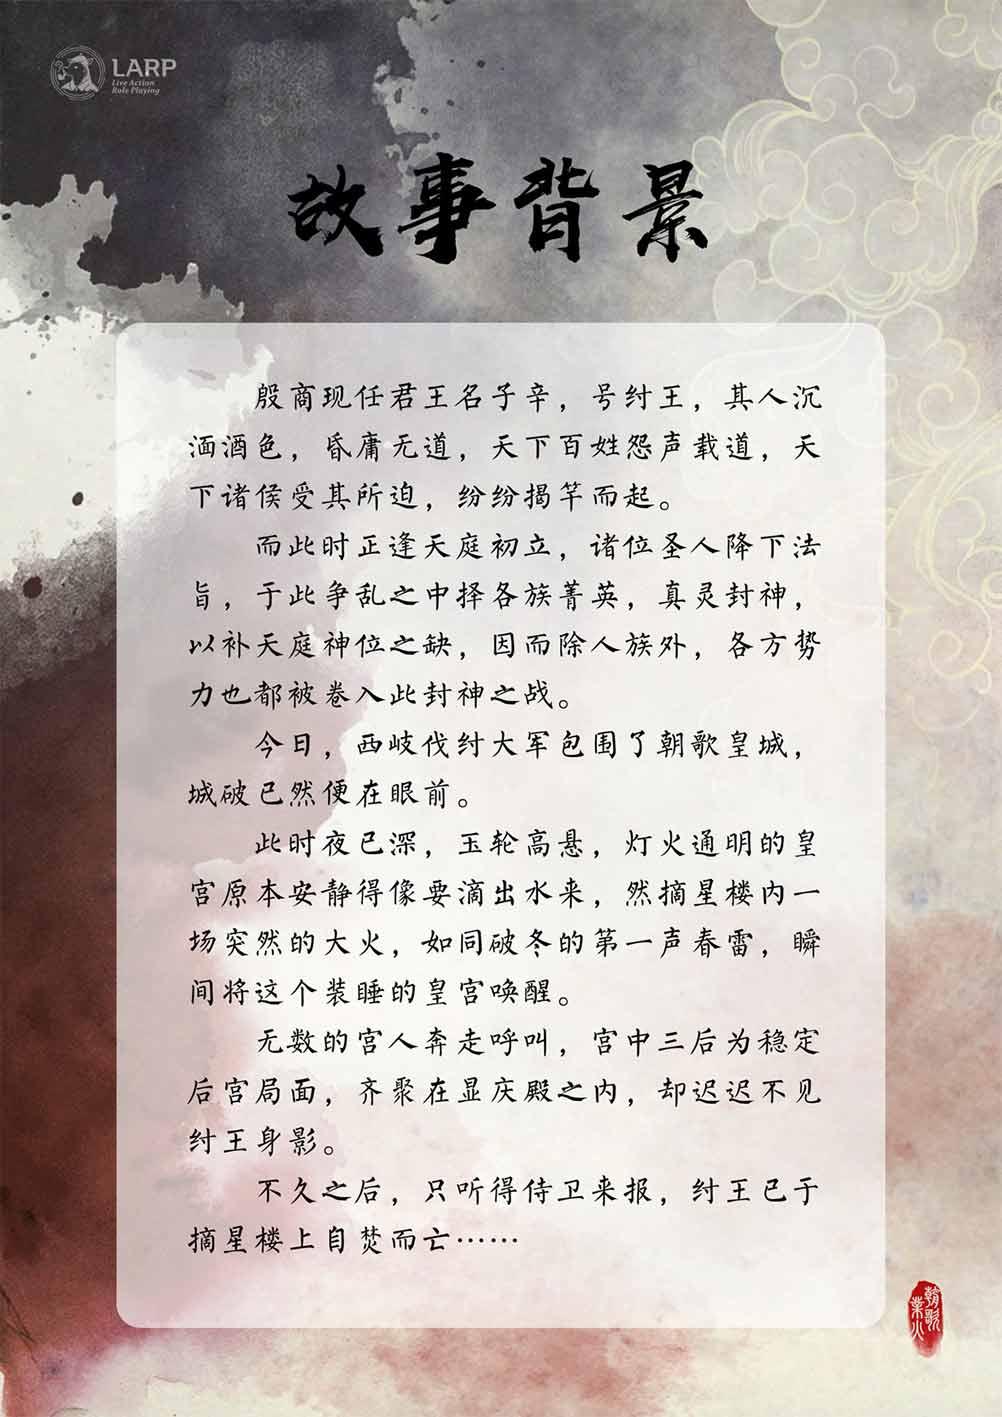 『朝歌业火』剧本杀复盘解析\剧透\谁是凶手